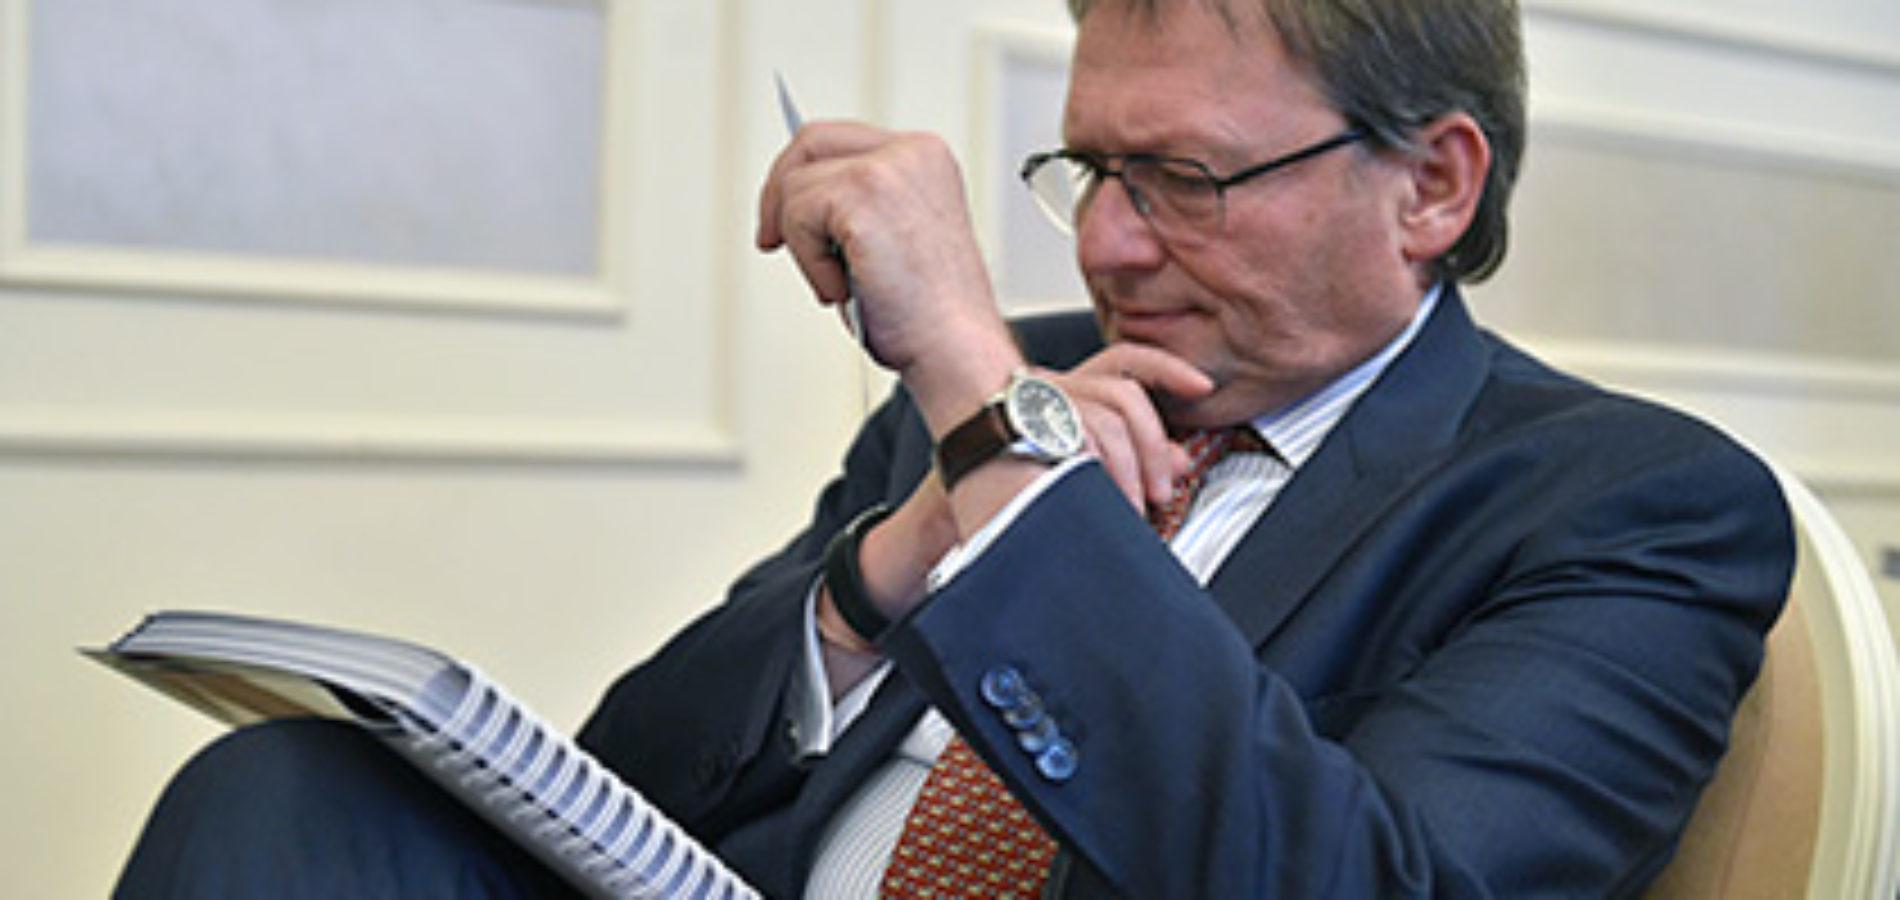 Борис Титов предупредил о падении России в разряд второстепенных стран